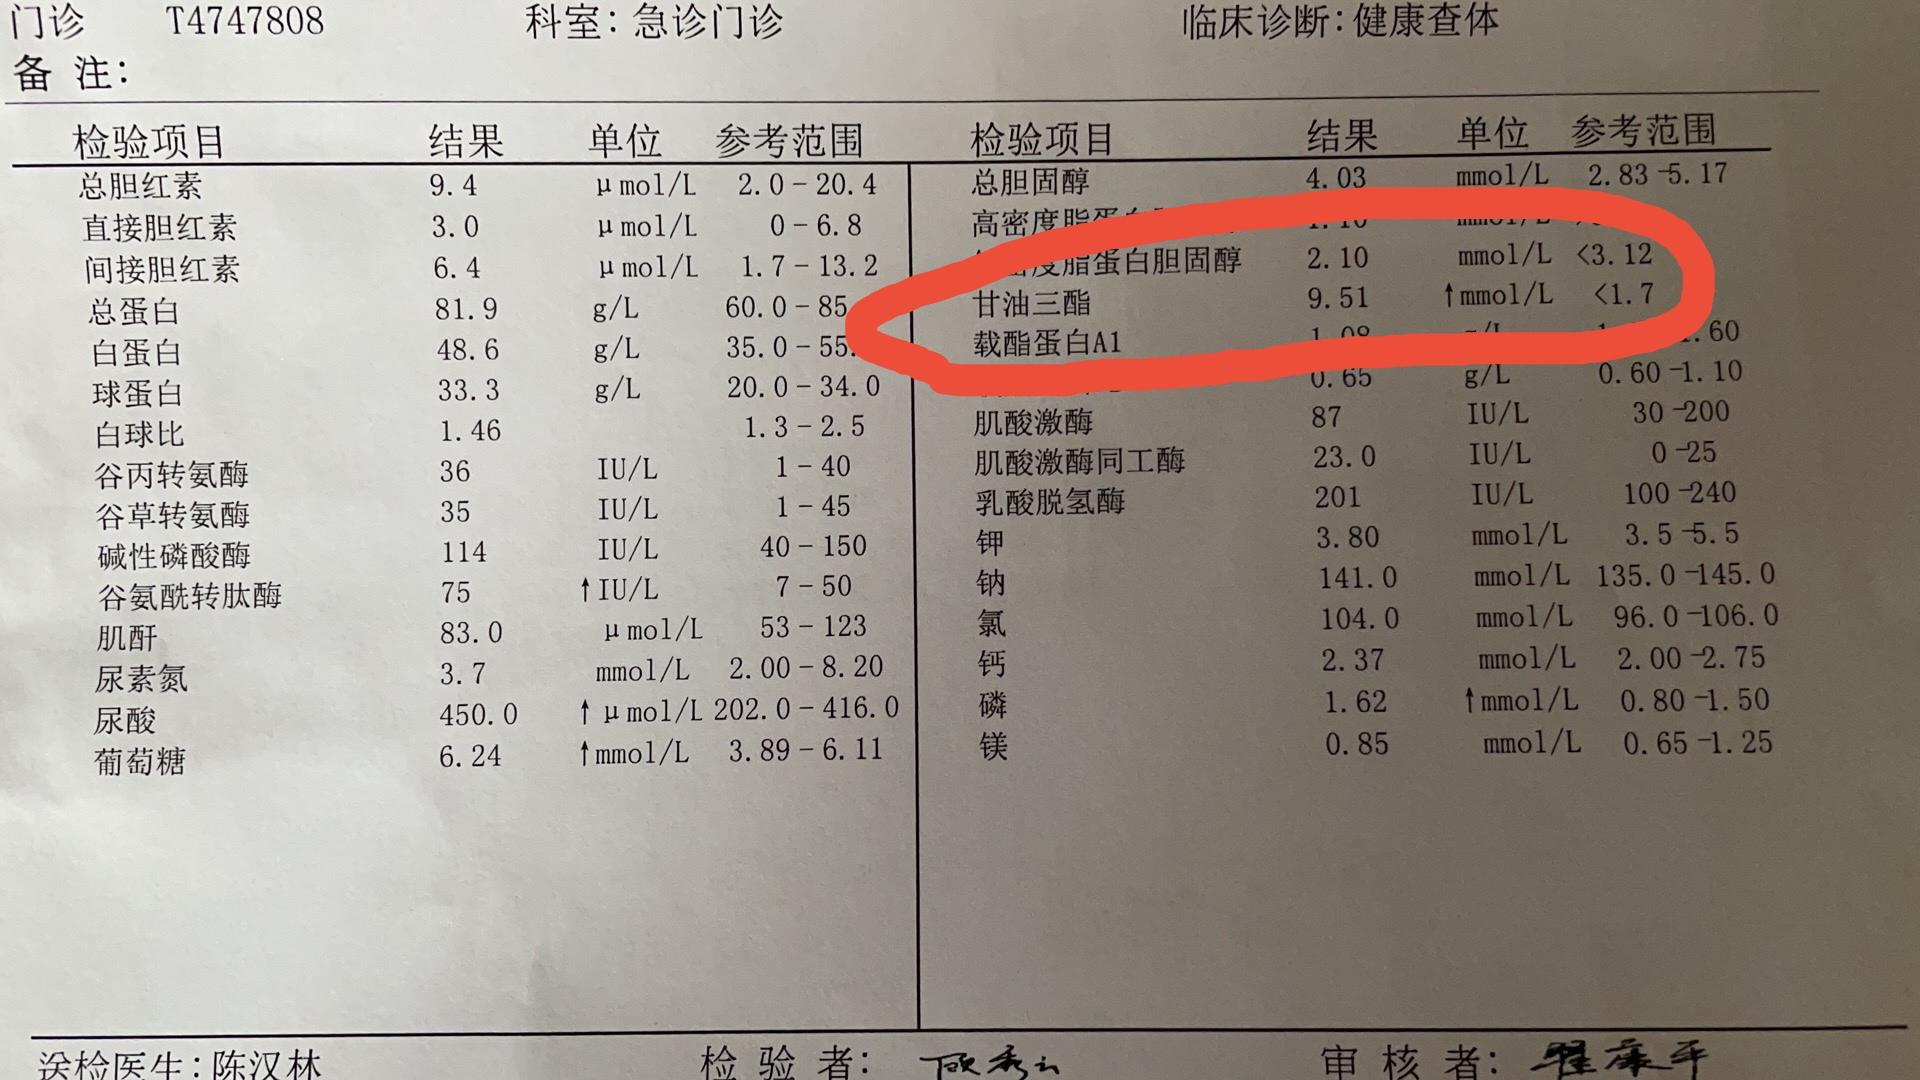 男子甘油三酯9.5高出5倍多!使用这4个办法,用1个月就降到2.1